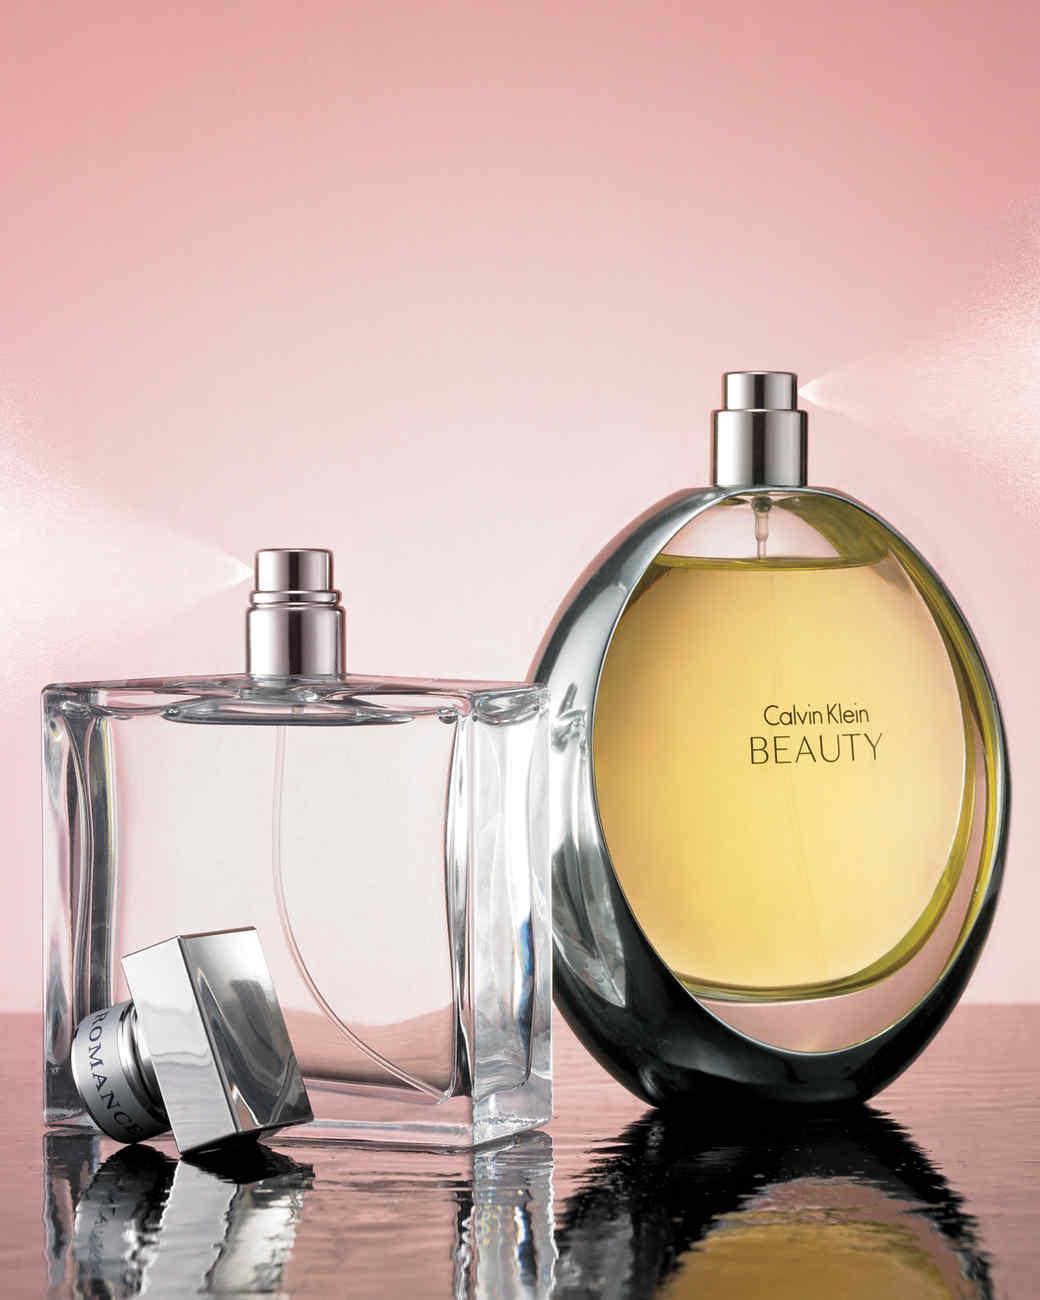 floral-fragrance-md108085.jpg